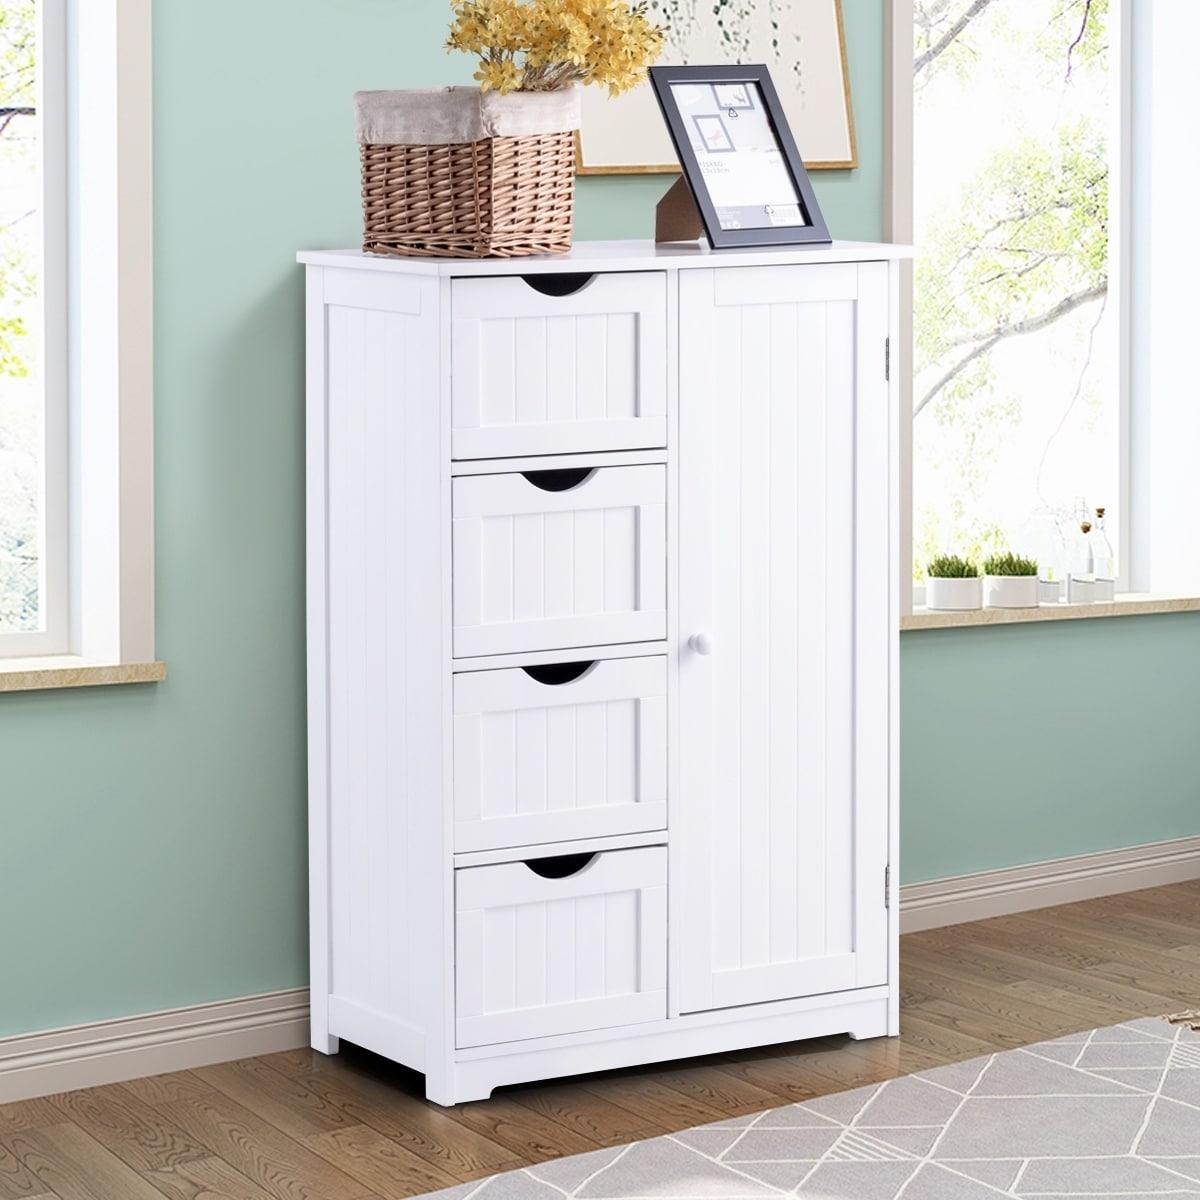 Lykos Floor Standing One Door One Drawer Bathroom Cabinet White Home Kitchen Bath